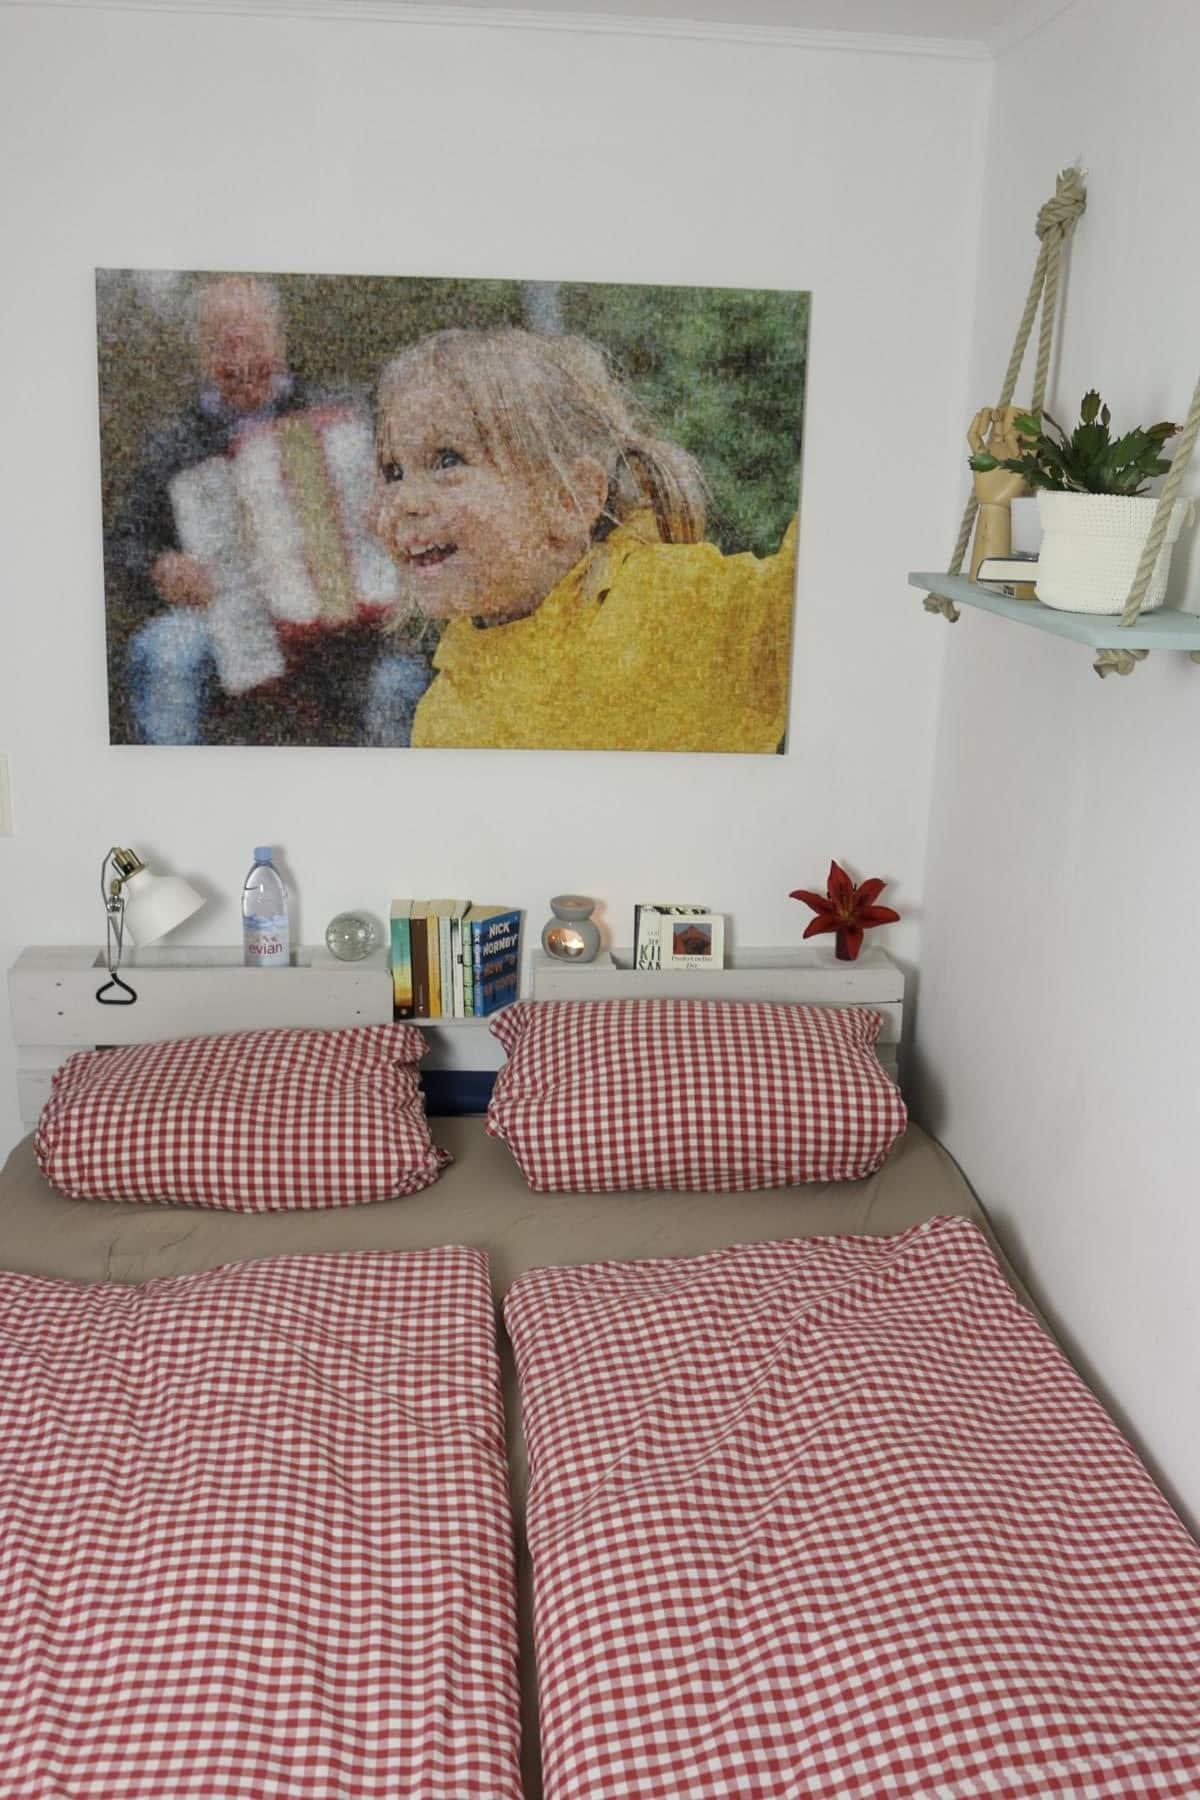 fotomosaik selber machen die ganz pers nliche geschenkidee. Black Bedroom Furniture Sets. Home Design Ideas